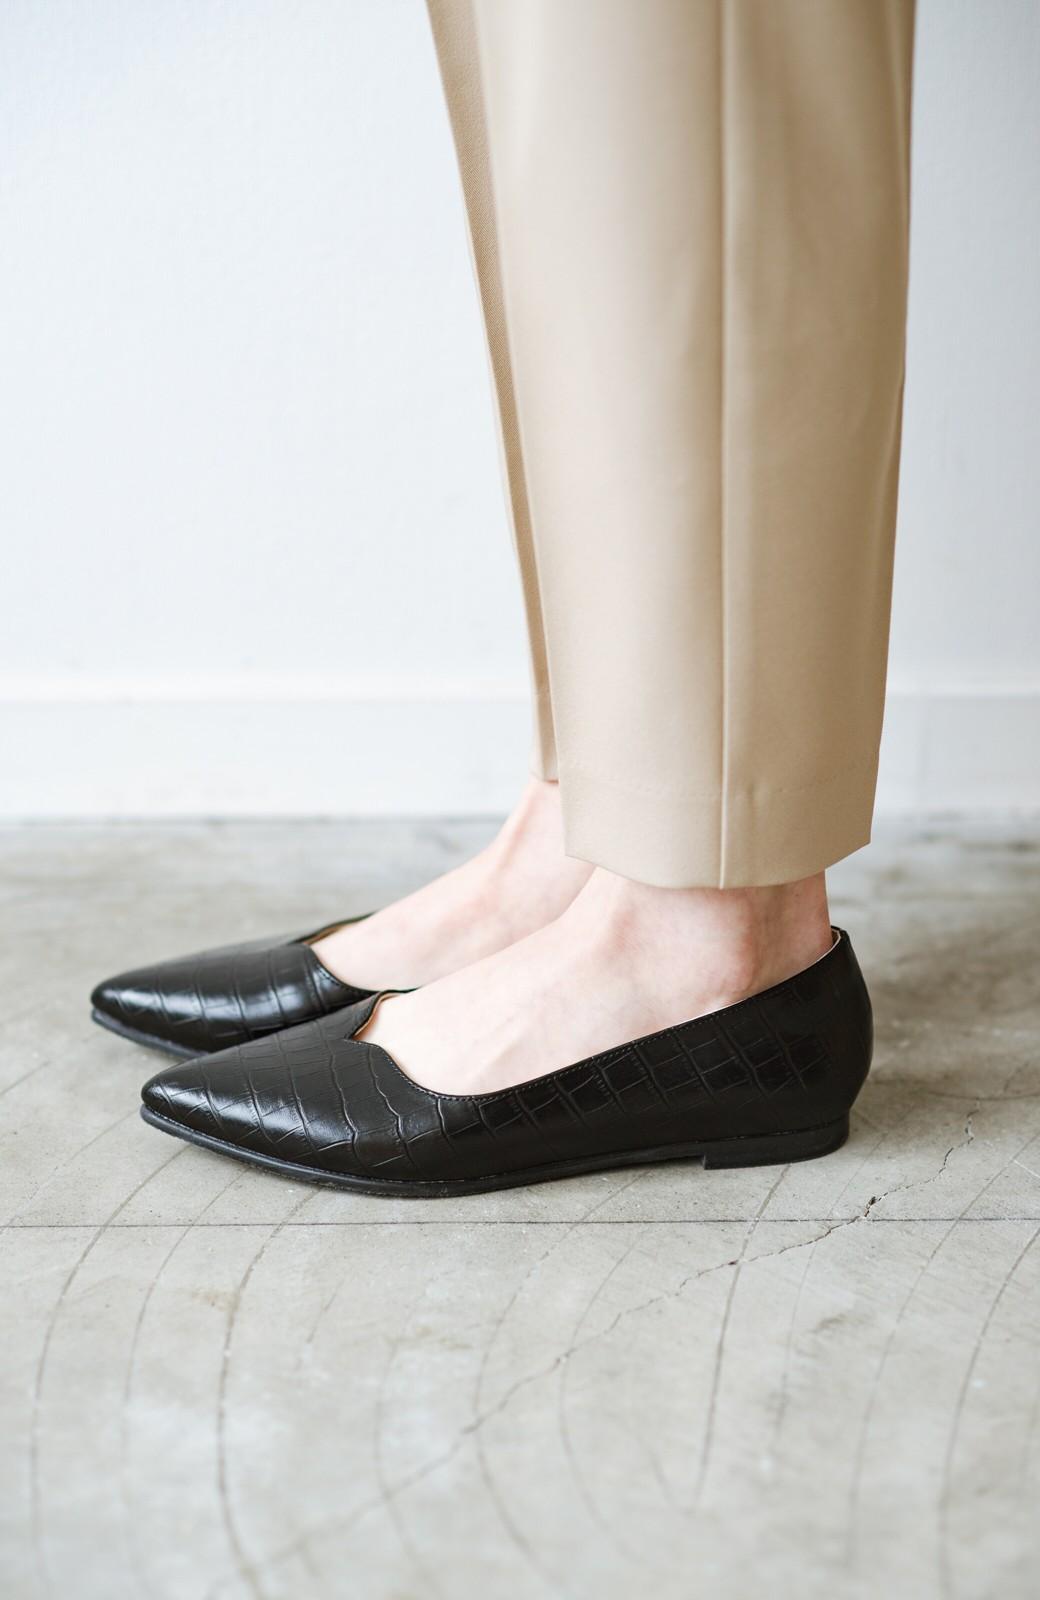 haco! 【防水】普段もお仕事も雨の日も!さっと履いて女っぽい Vカットが足をきれいに見せてくれるフラットパンプス <ブラック>の商品写真4